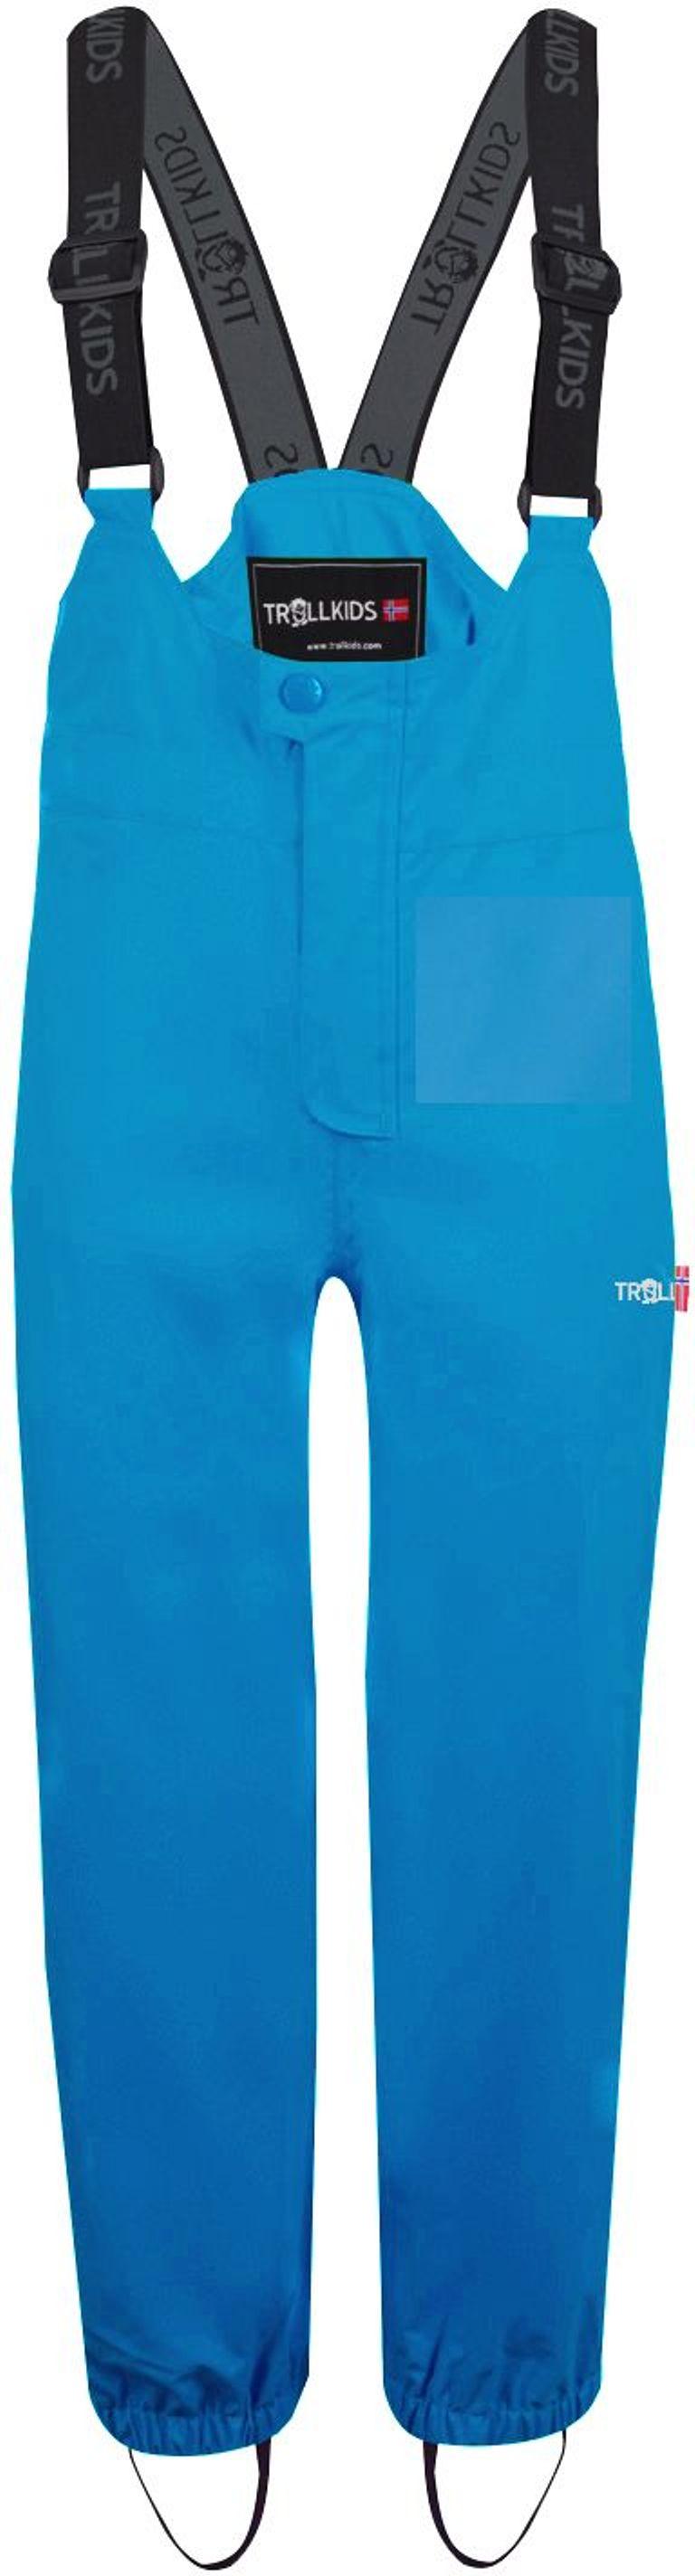 Trollkids Odda Regenhose midnight blue